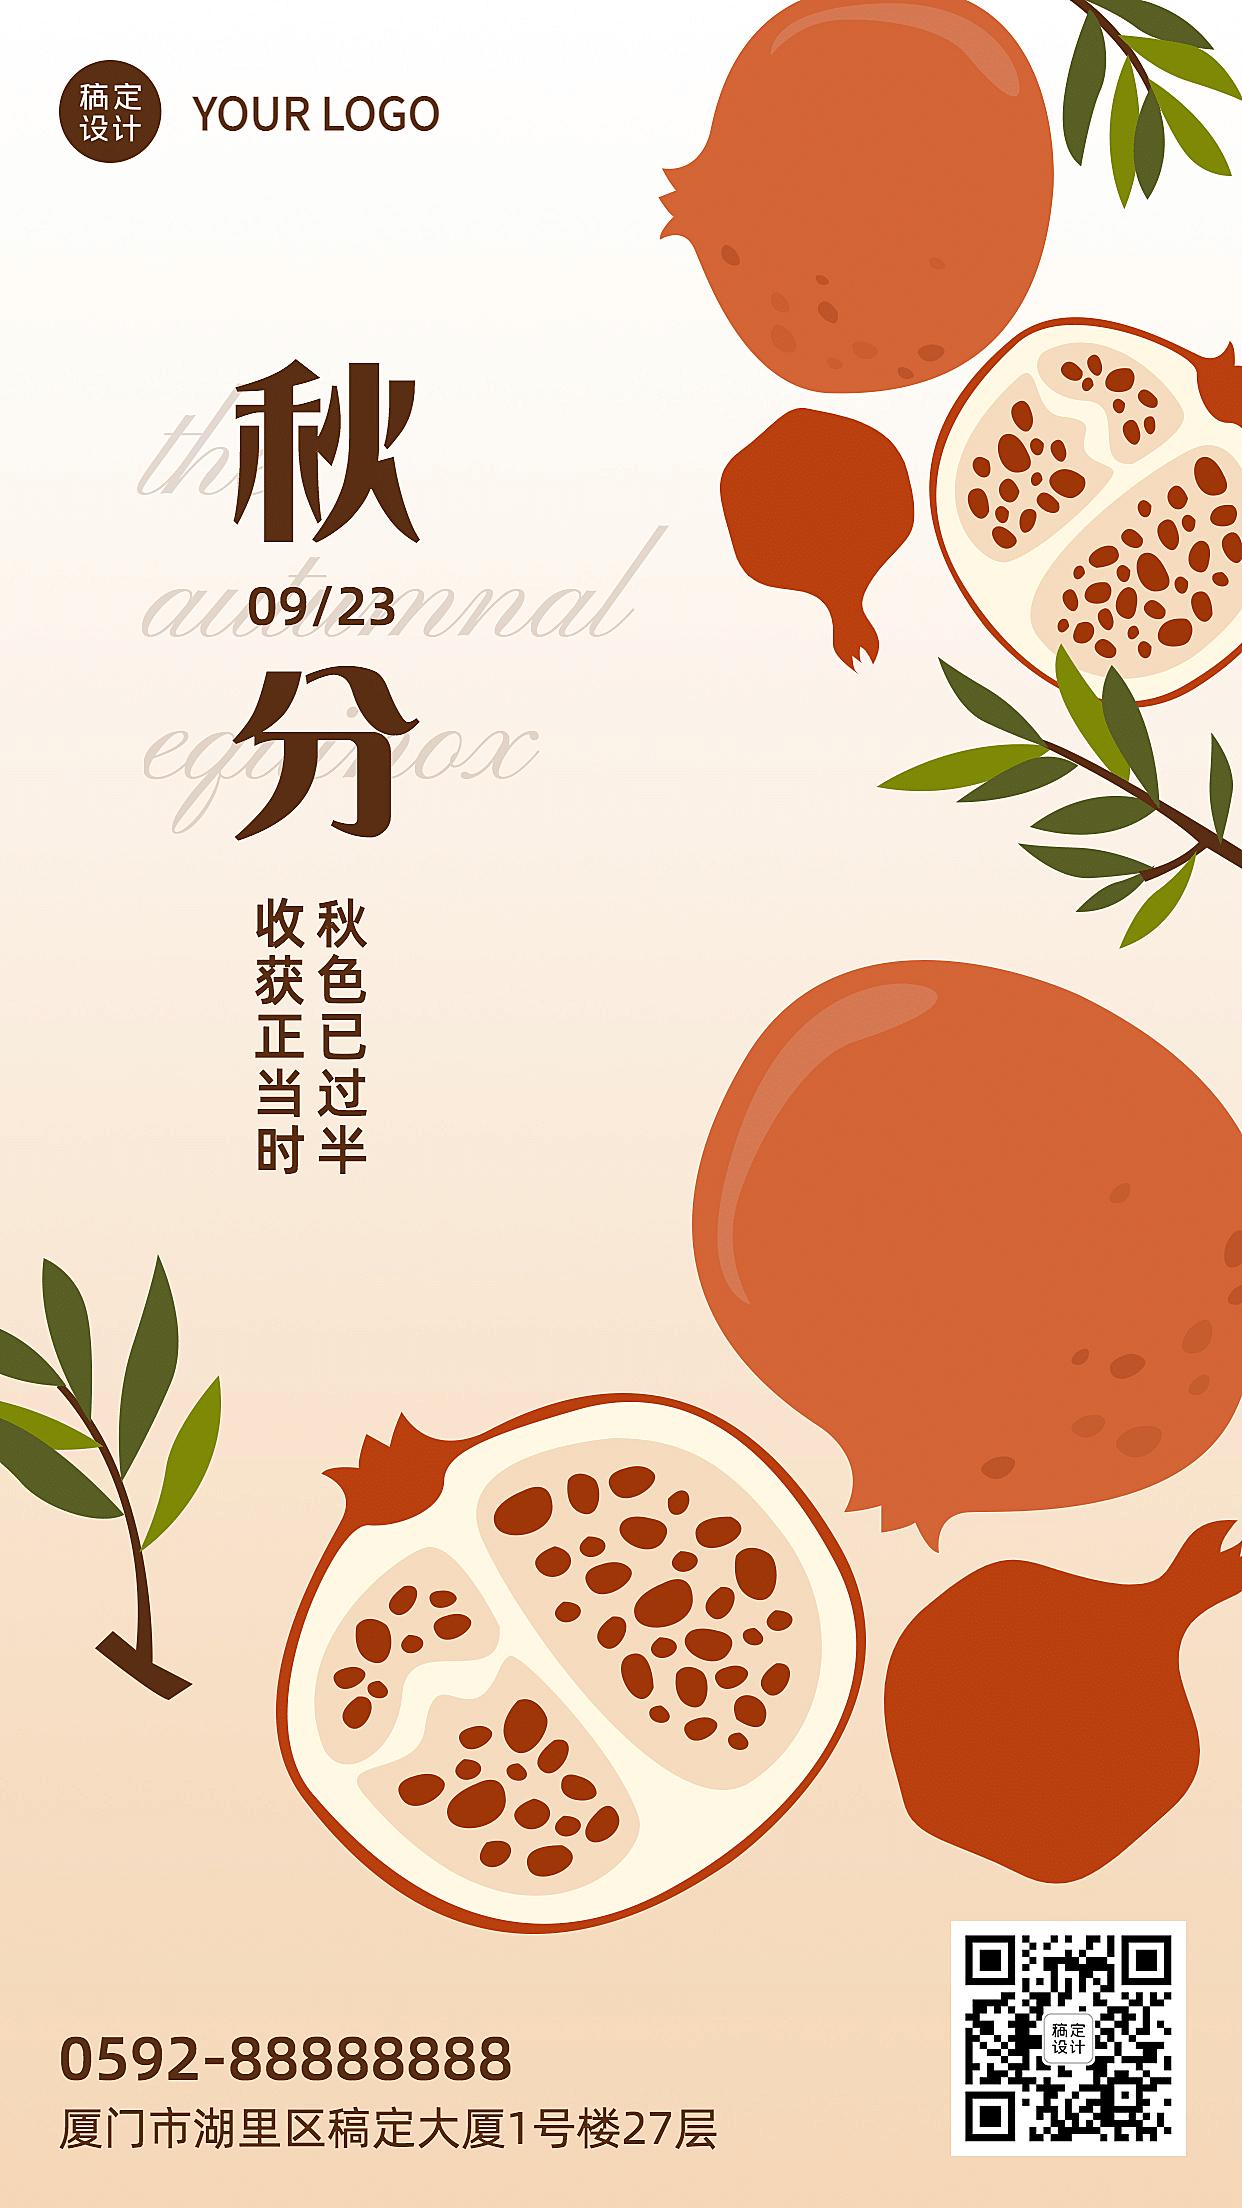 秋分节气手绘石榴蔬果祝福手机海报